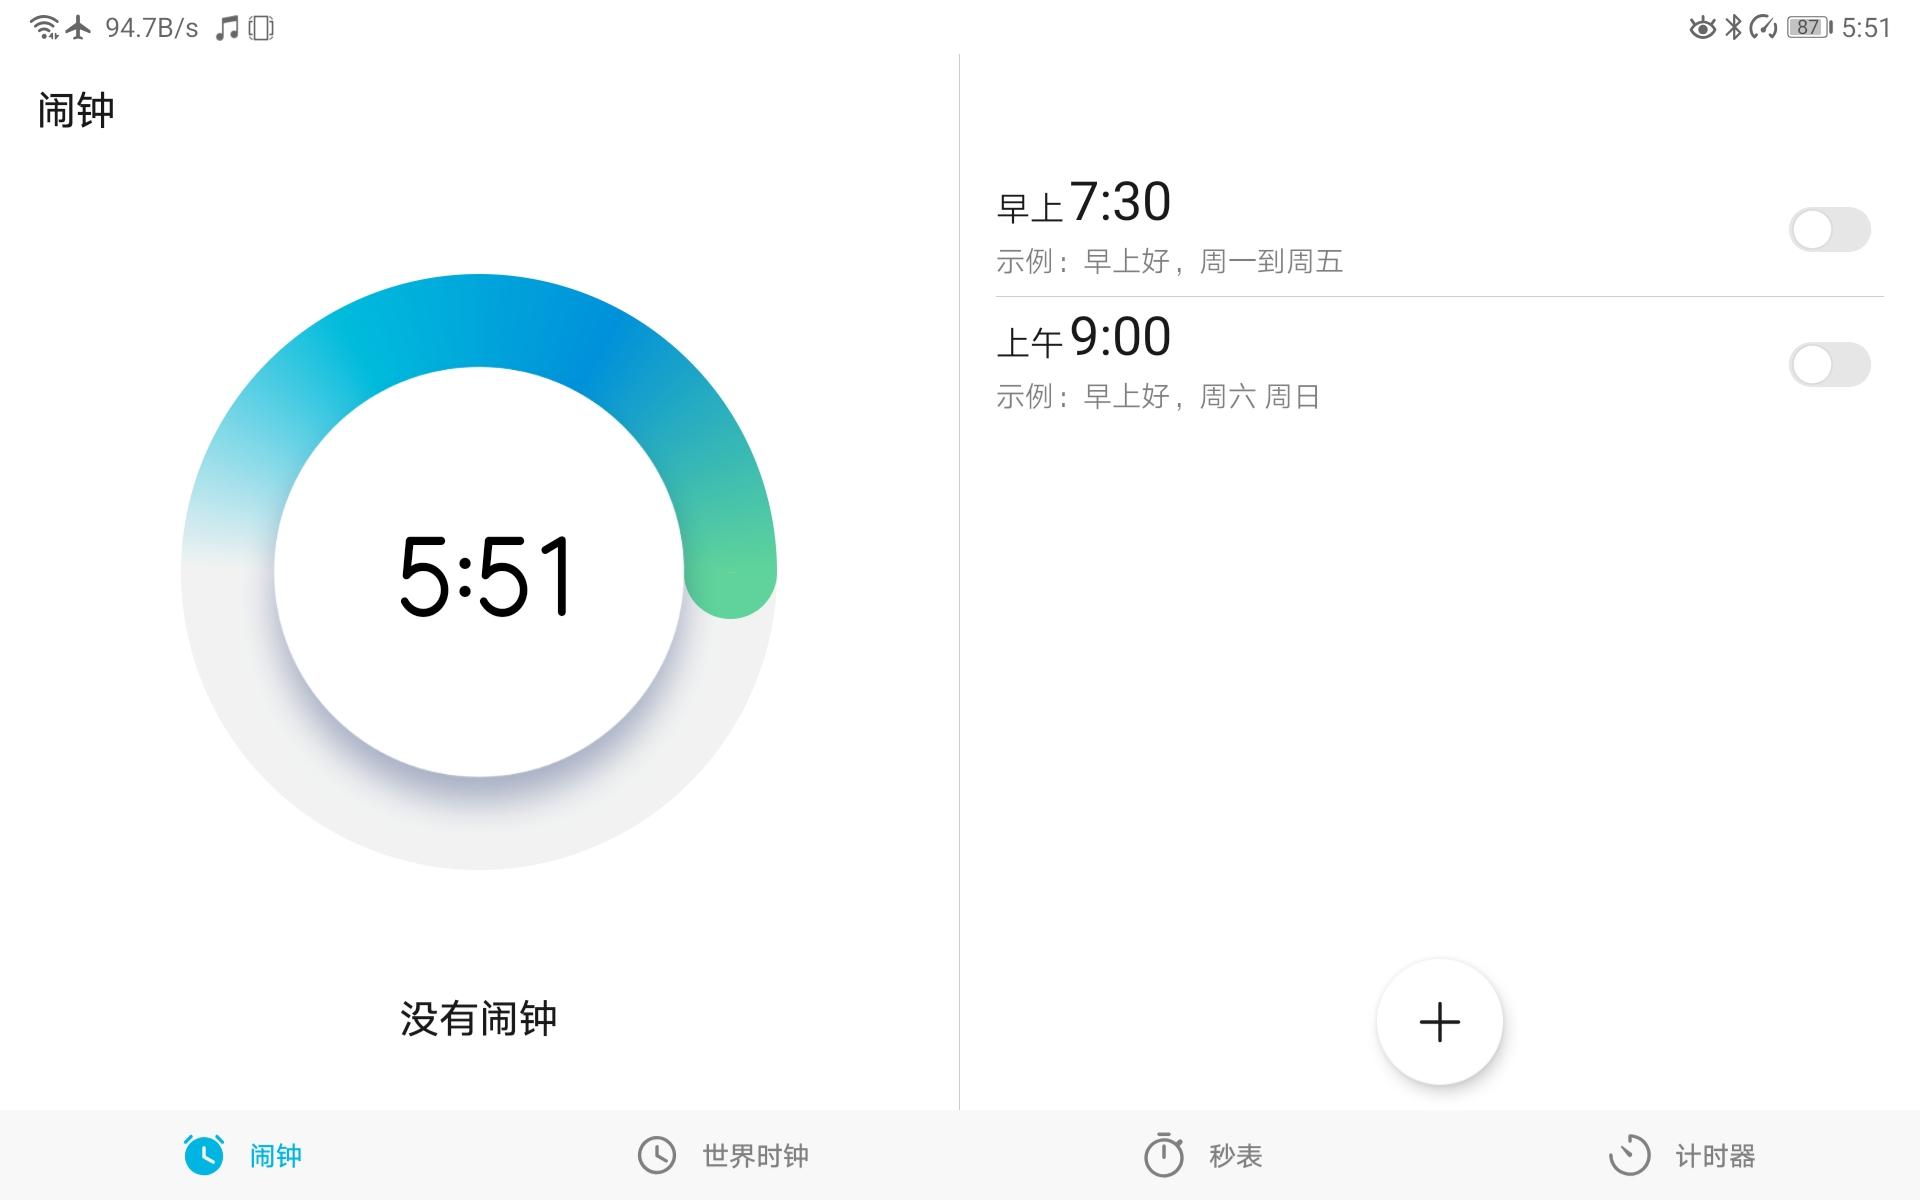 Screenshot_20190812_175115_com.android.deskclock.jpg